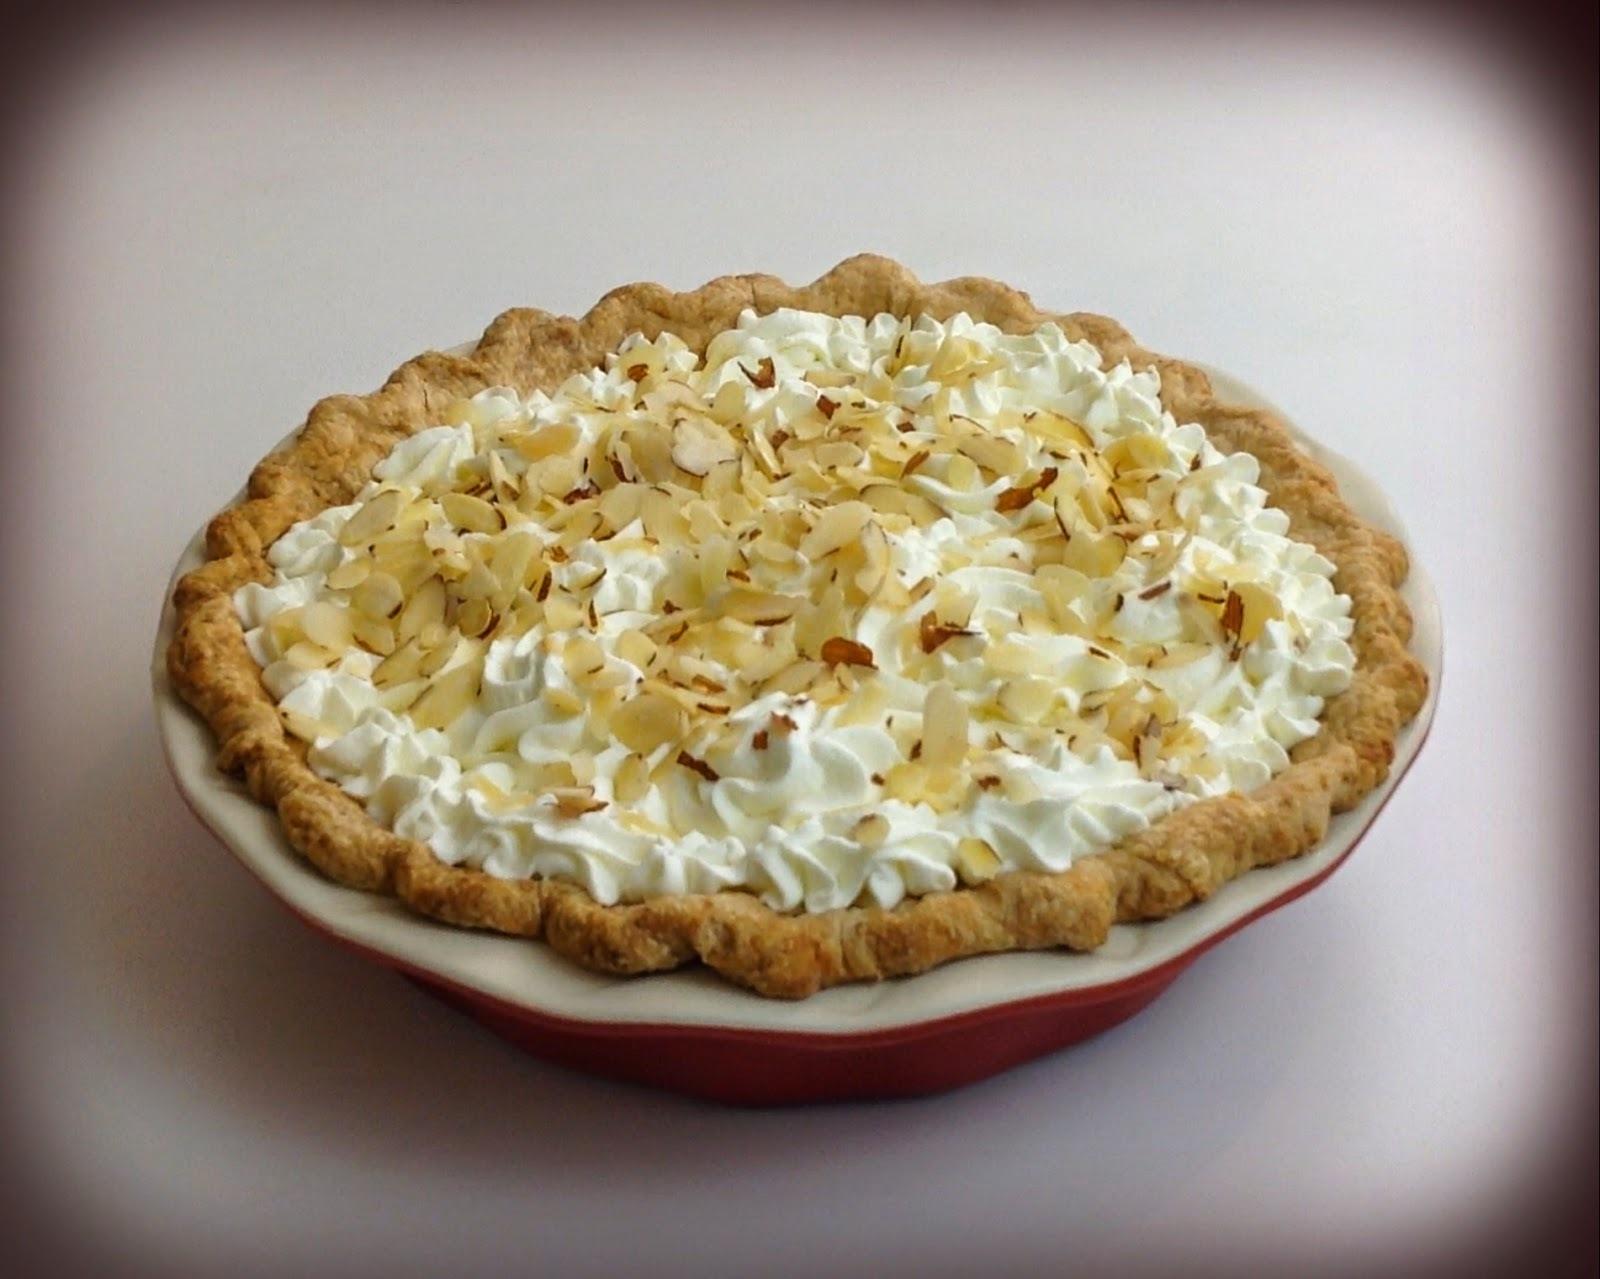 Episódio 14 - Receita de Torta Cremosa De Banana - Episode 14 - Banana Cream Pie Recipe